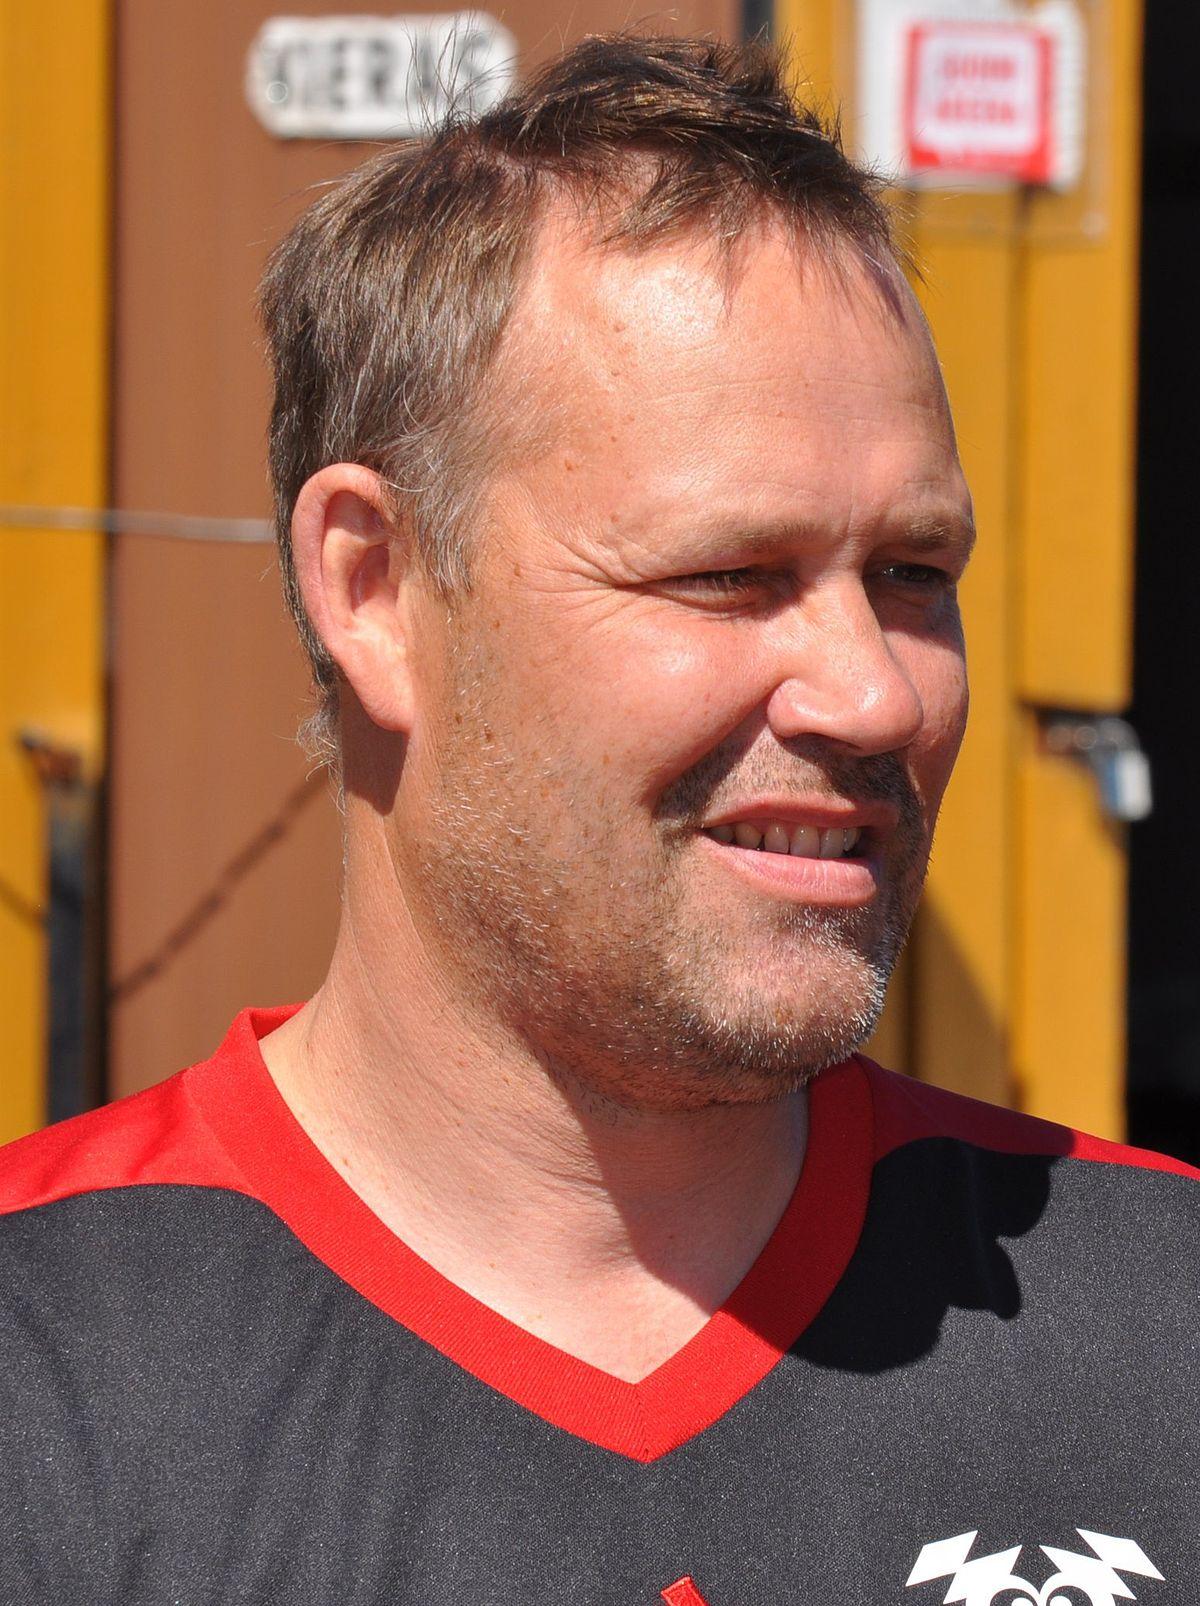 Mikko Jurkka